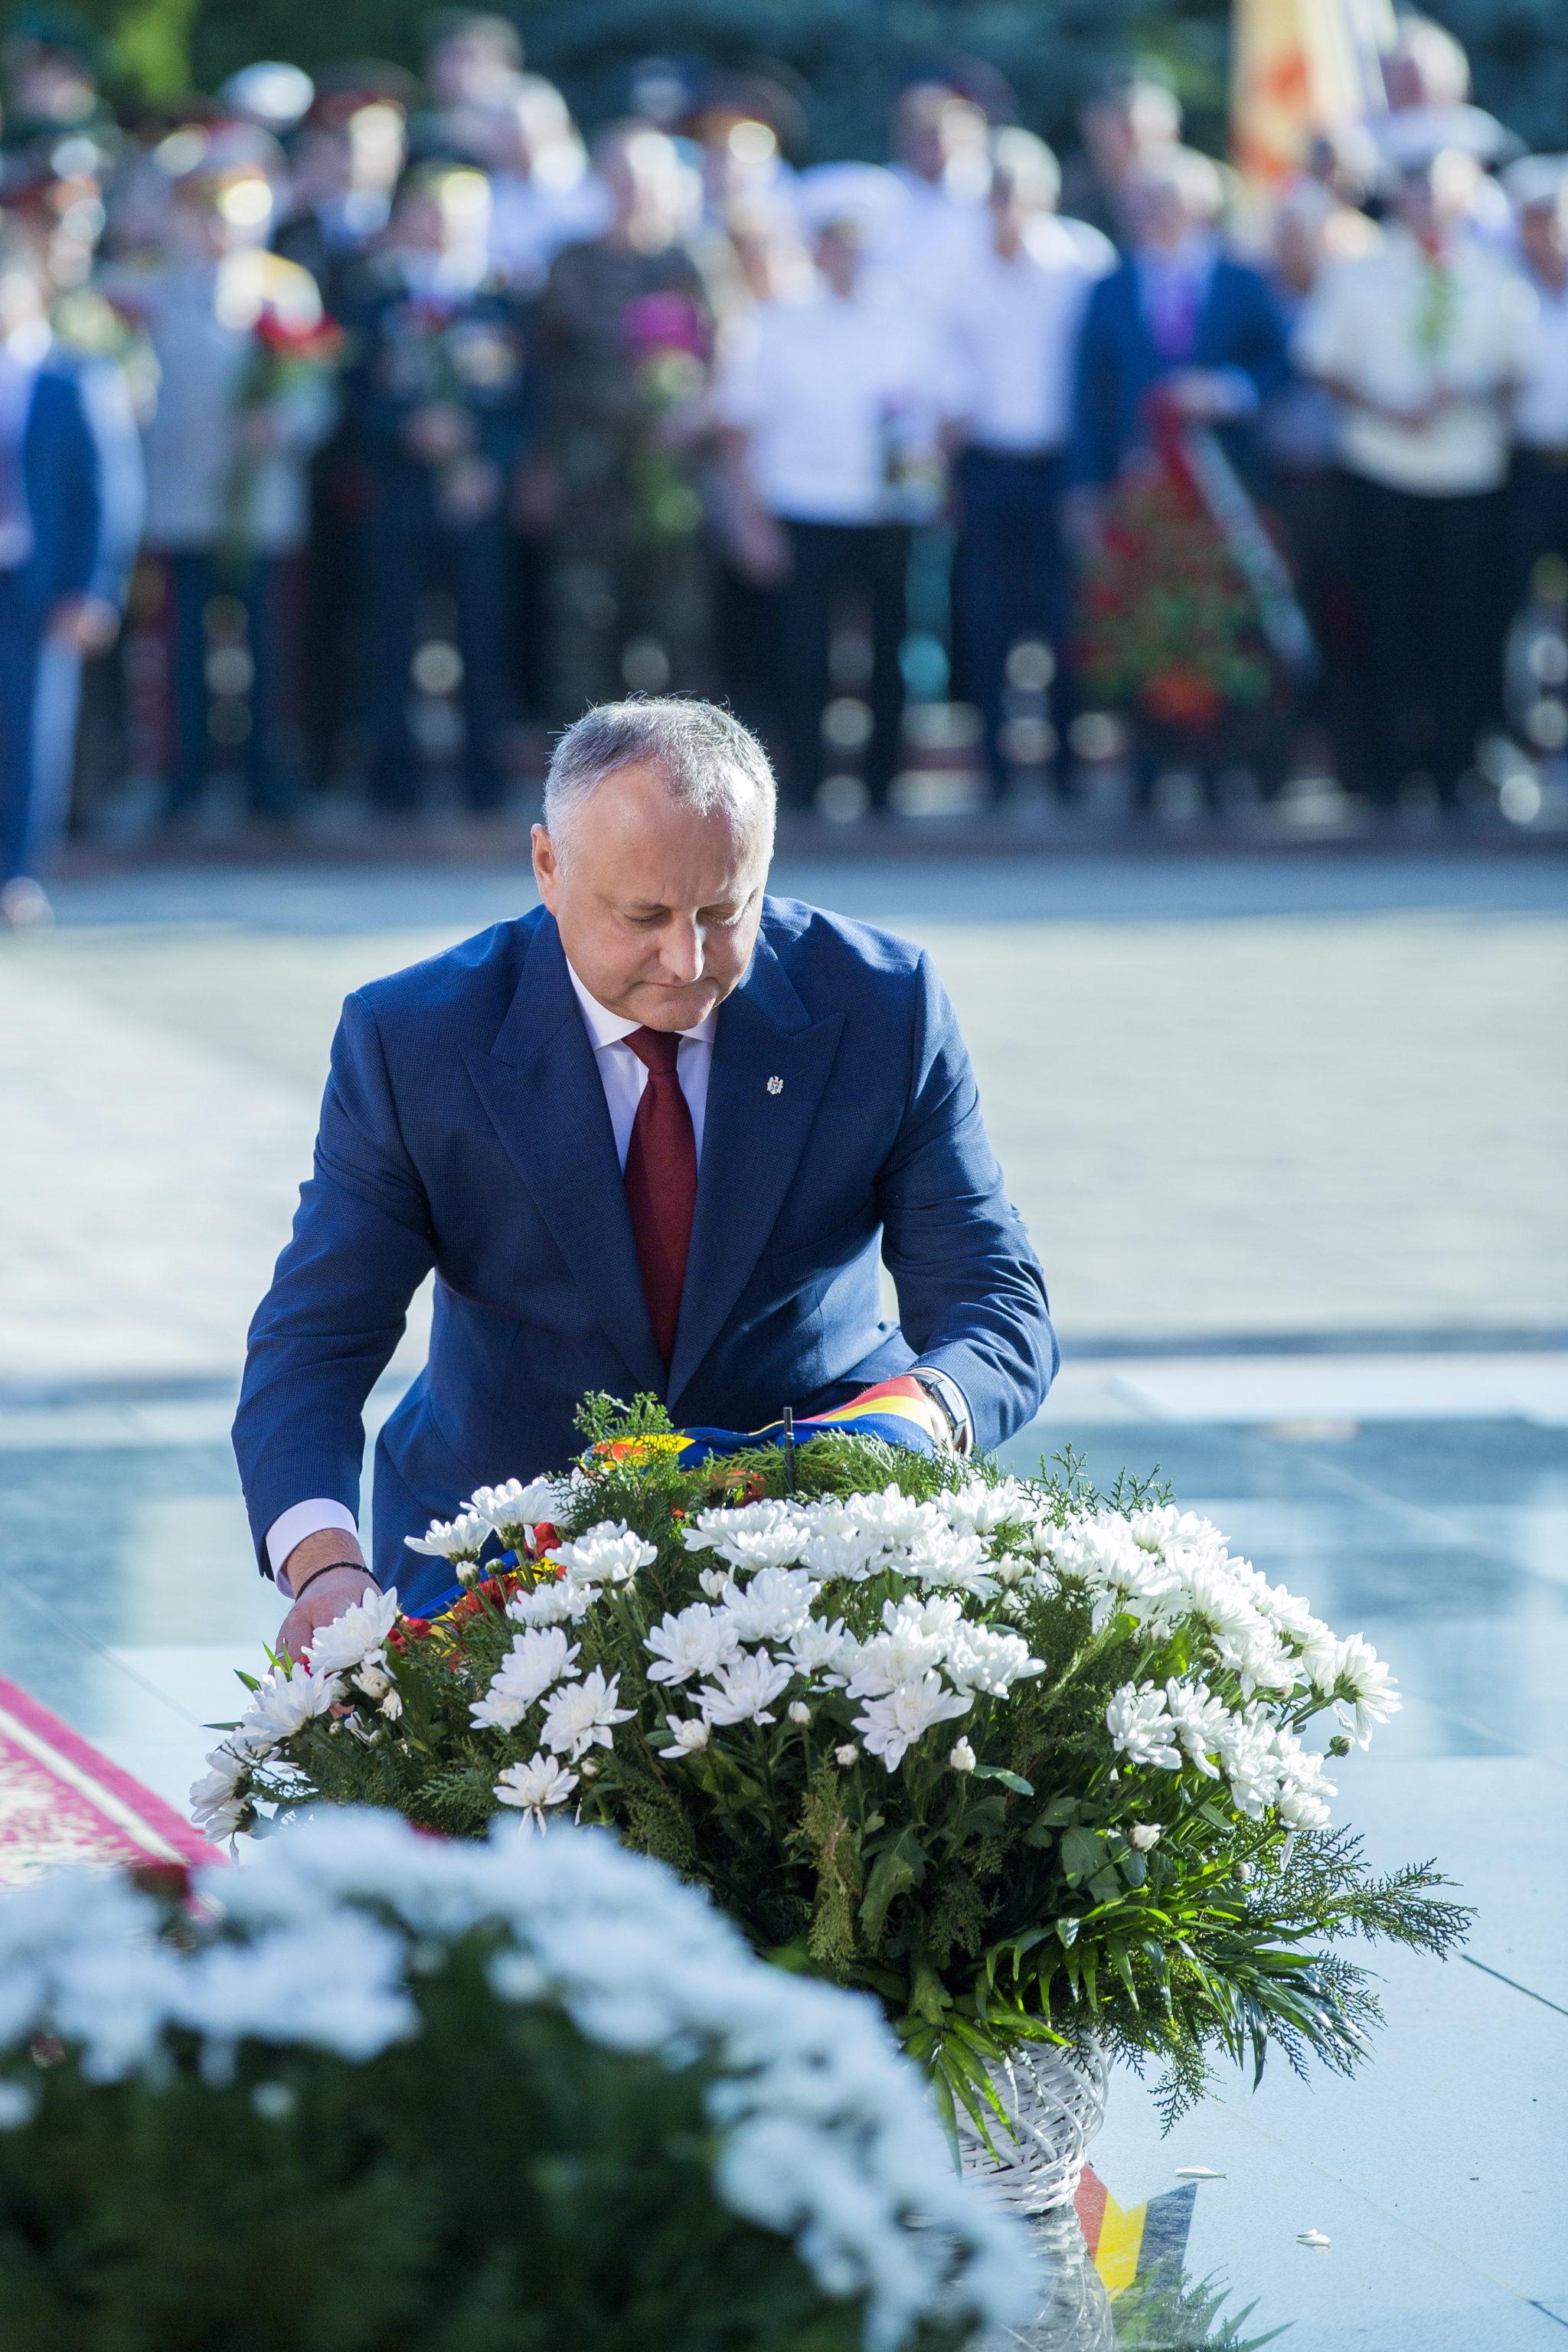 """Mołdawia: Prezydent Igor Dodon składa wieniec podczas uroczystości upamiętniających 75. rocznicę operacji """"Kiszyniów"""